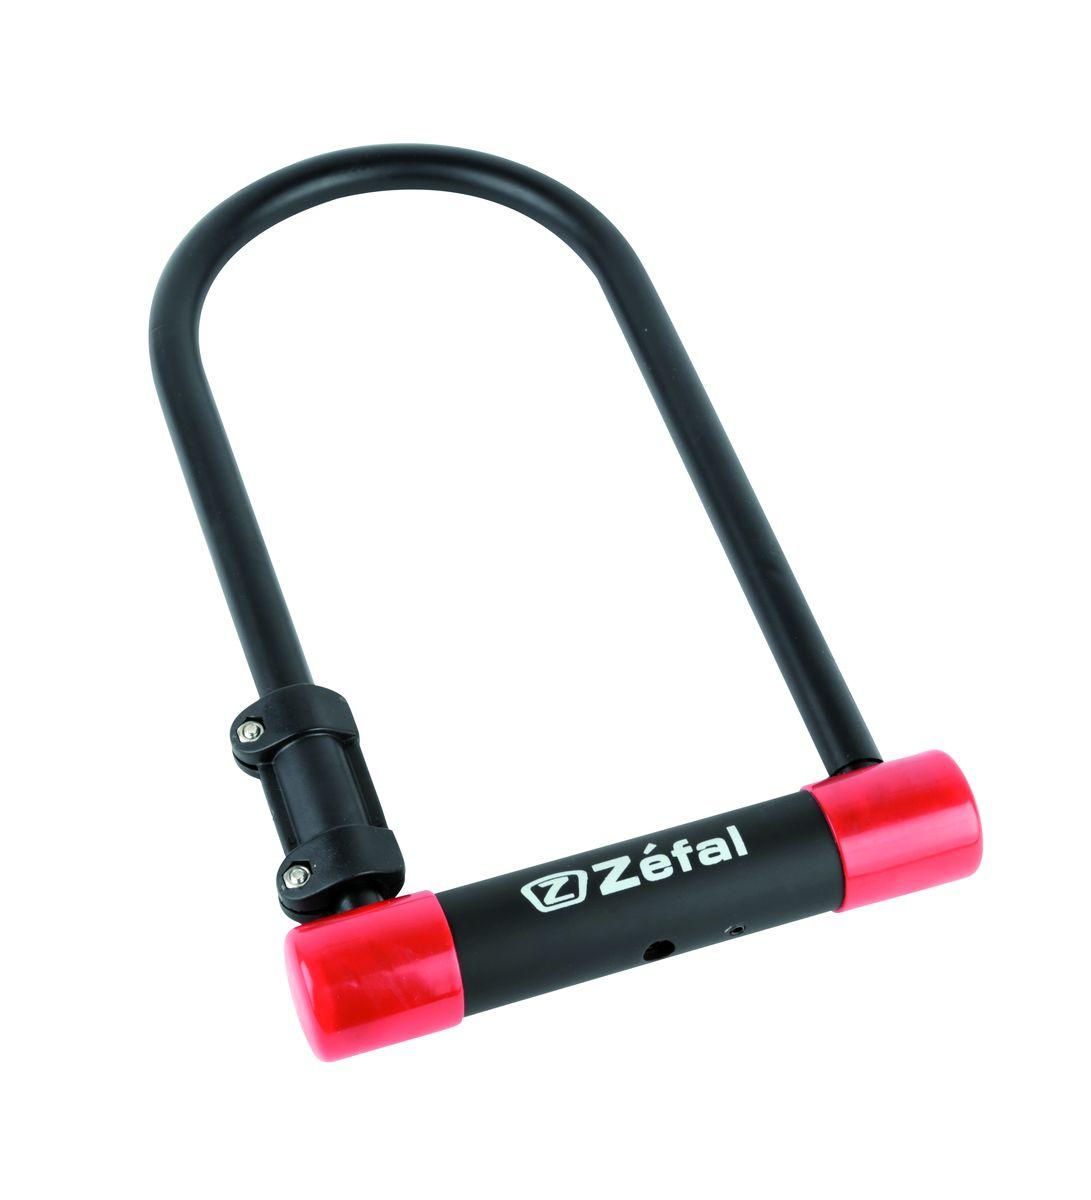 Замок велосипедный Zefal K-TRAZ U13 (U-Locks)4940Противоугонный компактный жесткий велосипедный замок Zefal K-TRAZ U13 MINI - это отличная вещь для сохранности вашего велосипеда. Замок сделал на базе сверхпрочного стального U-образного профила диаметром 13мм. Применяется для защиты от кражи велосипеда и прочего малогабаритного транспорта. К замку прилагаются три ключа. Благодаря небольшим размерам, этот замок удобно брать с собой. Zefal – старейший французский производитель велосипедных аксессуаров премиального качества, основанный в 1880 году, является номером один на французском рынке велосипедных аксессуаров. Противоугонный жесткий U-образный замок Zefal K-TRAZ U13 MINI, универсальный, замок под ключ, цвет черный ОСОБЕННОСТИ: - U-образная конструкция - Диаметр прутка 13 мм - 3 ключа - Размеры 90 х 140 мм - Вес замка 840 гр